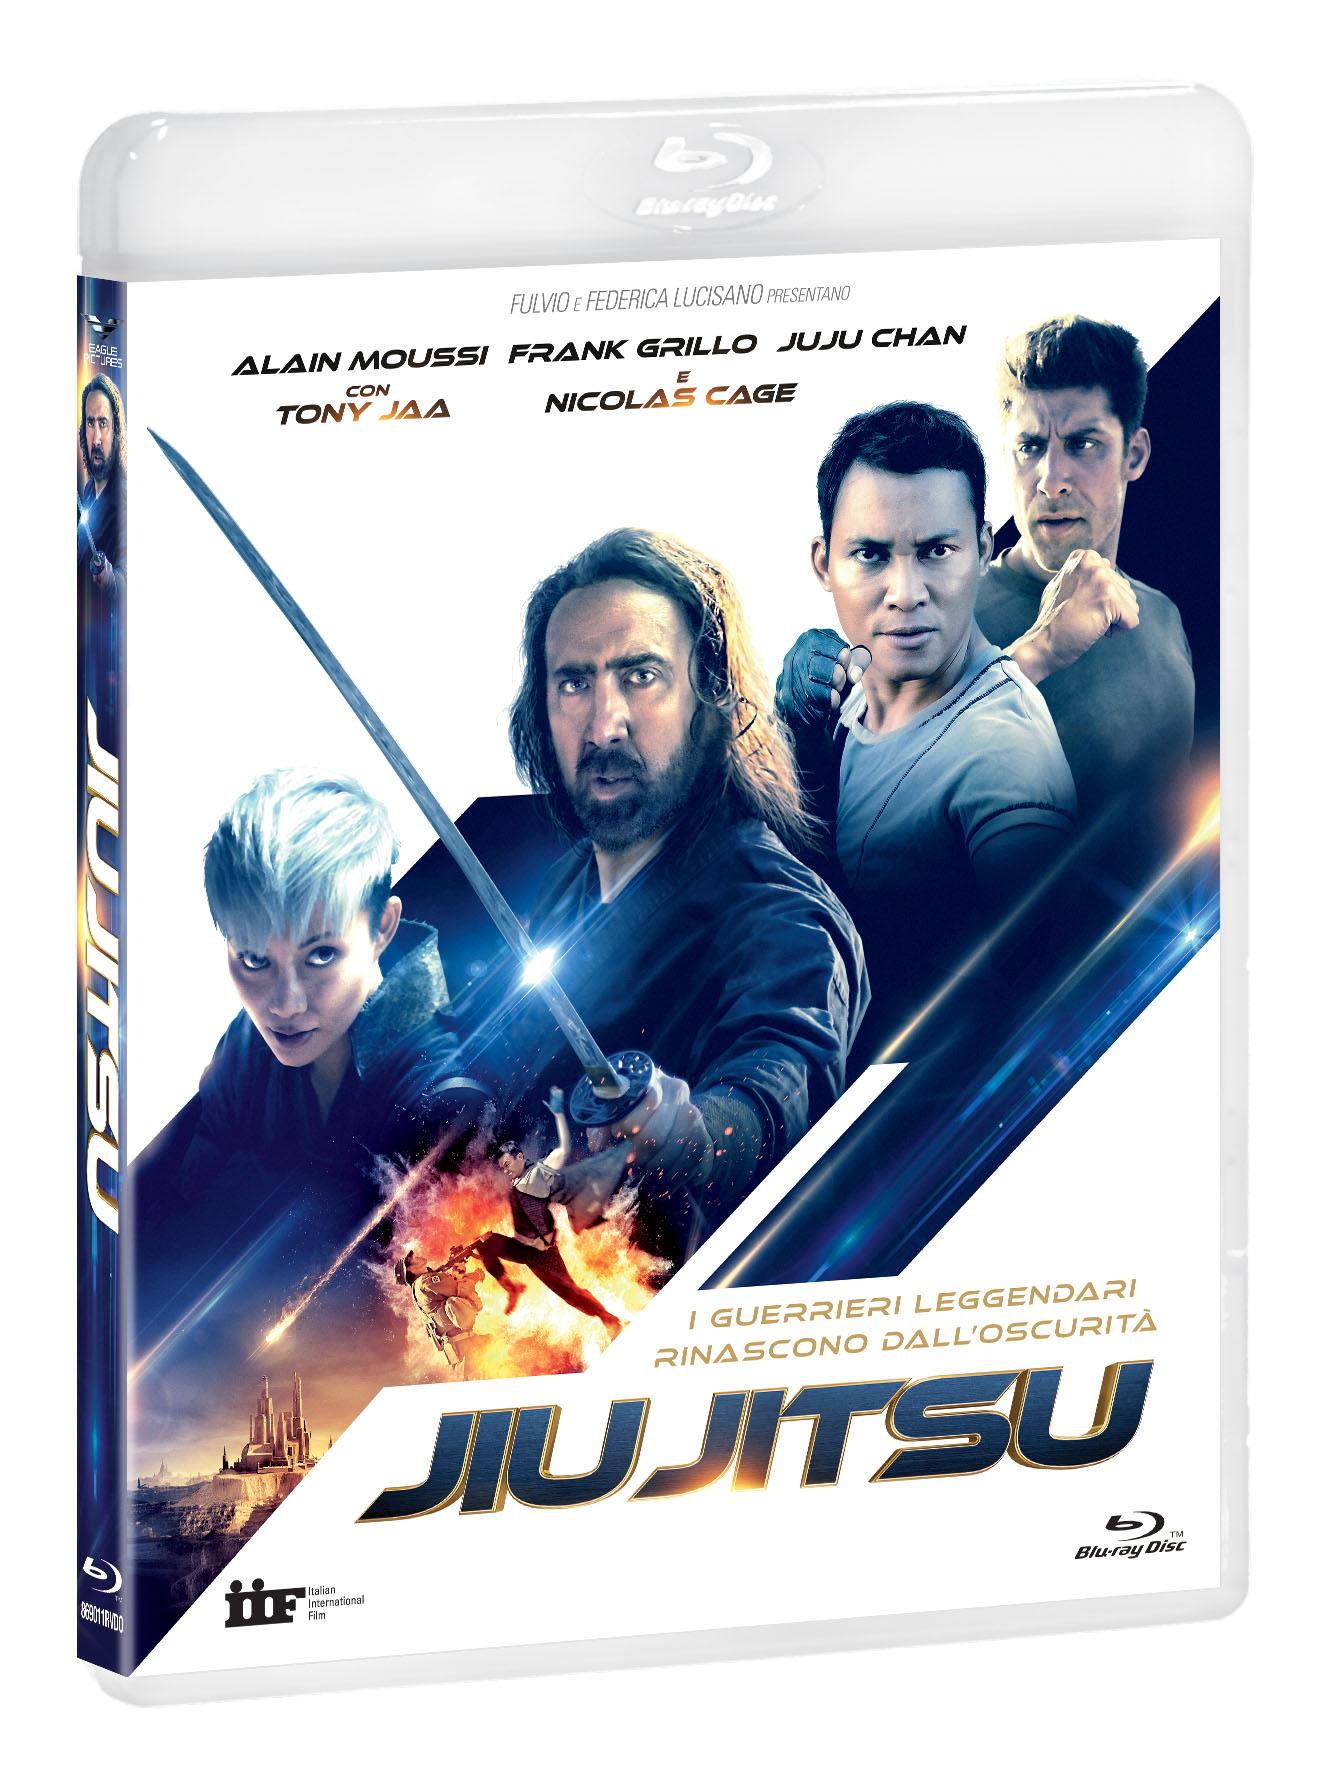 JIU JITSU - BLU RAY